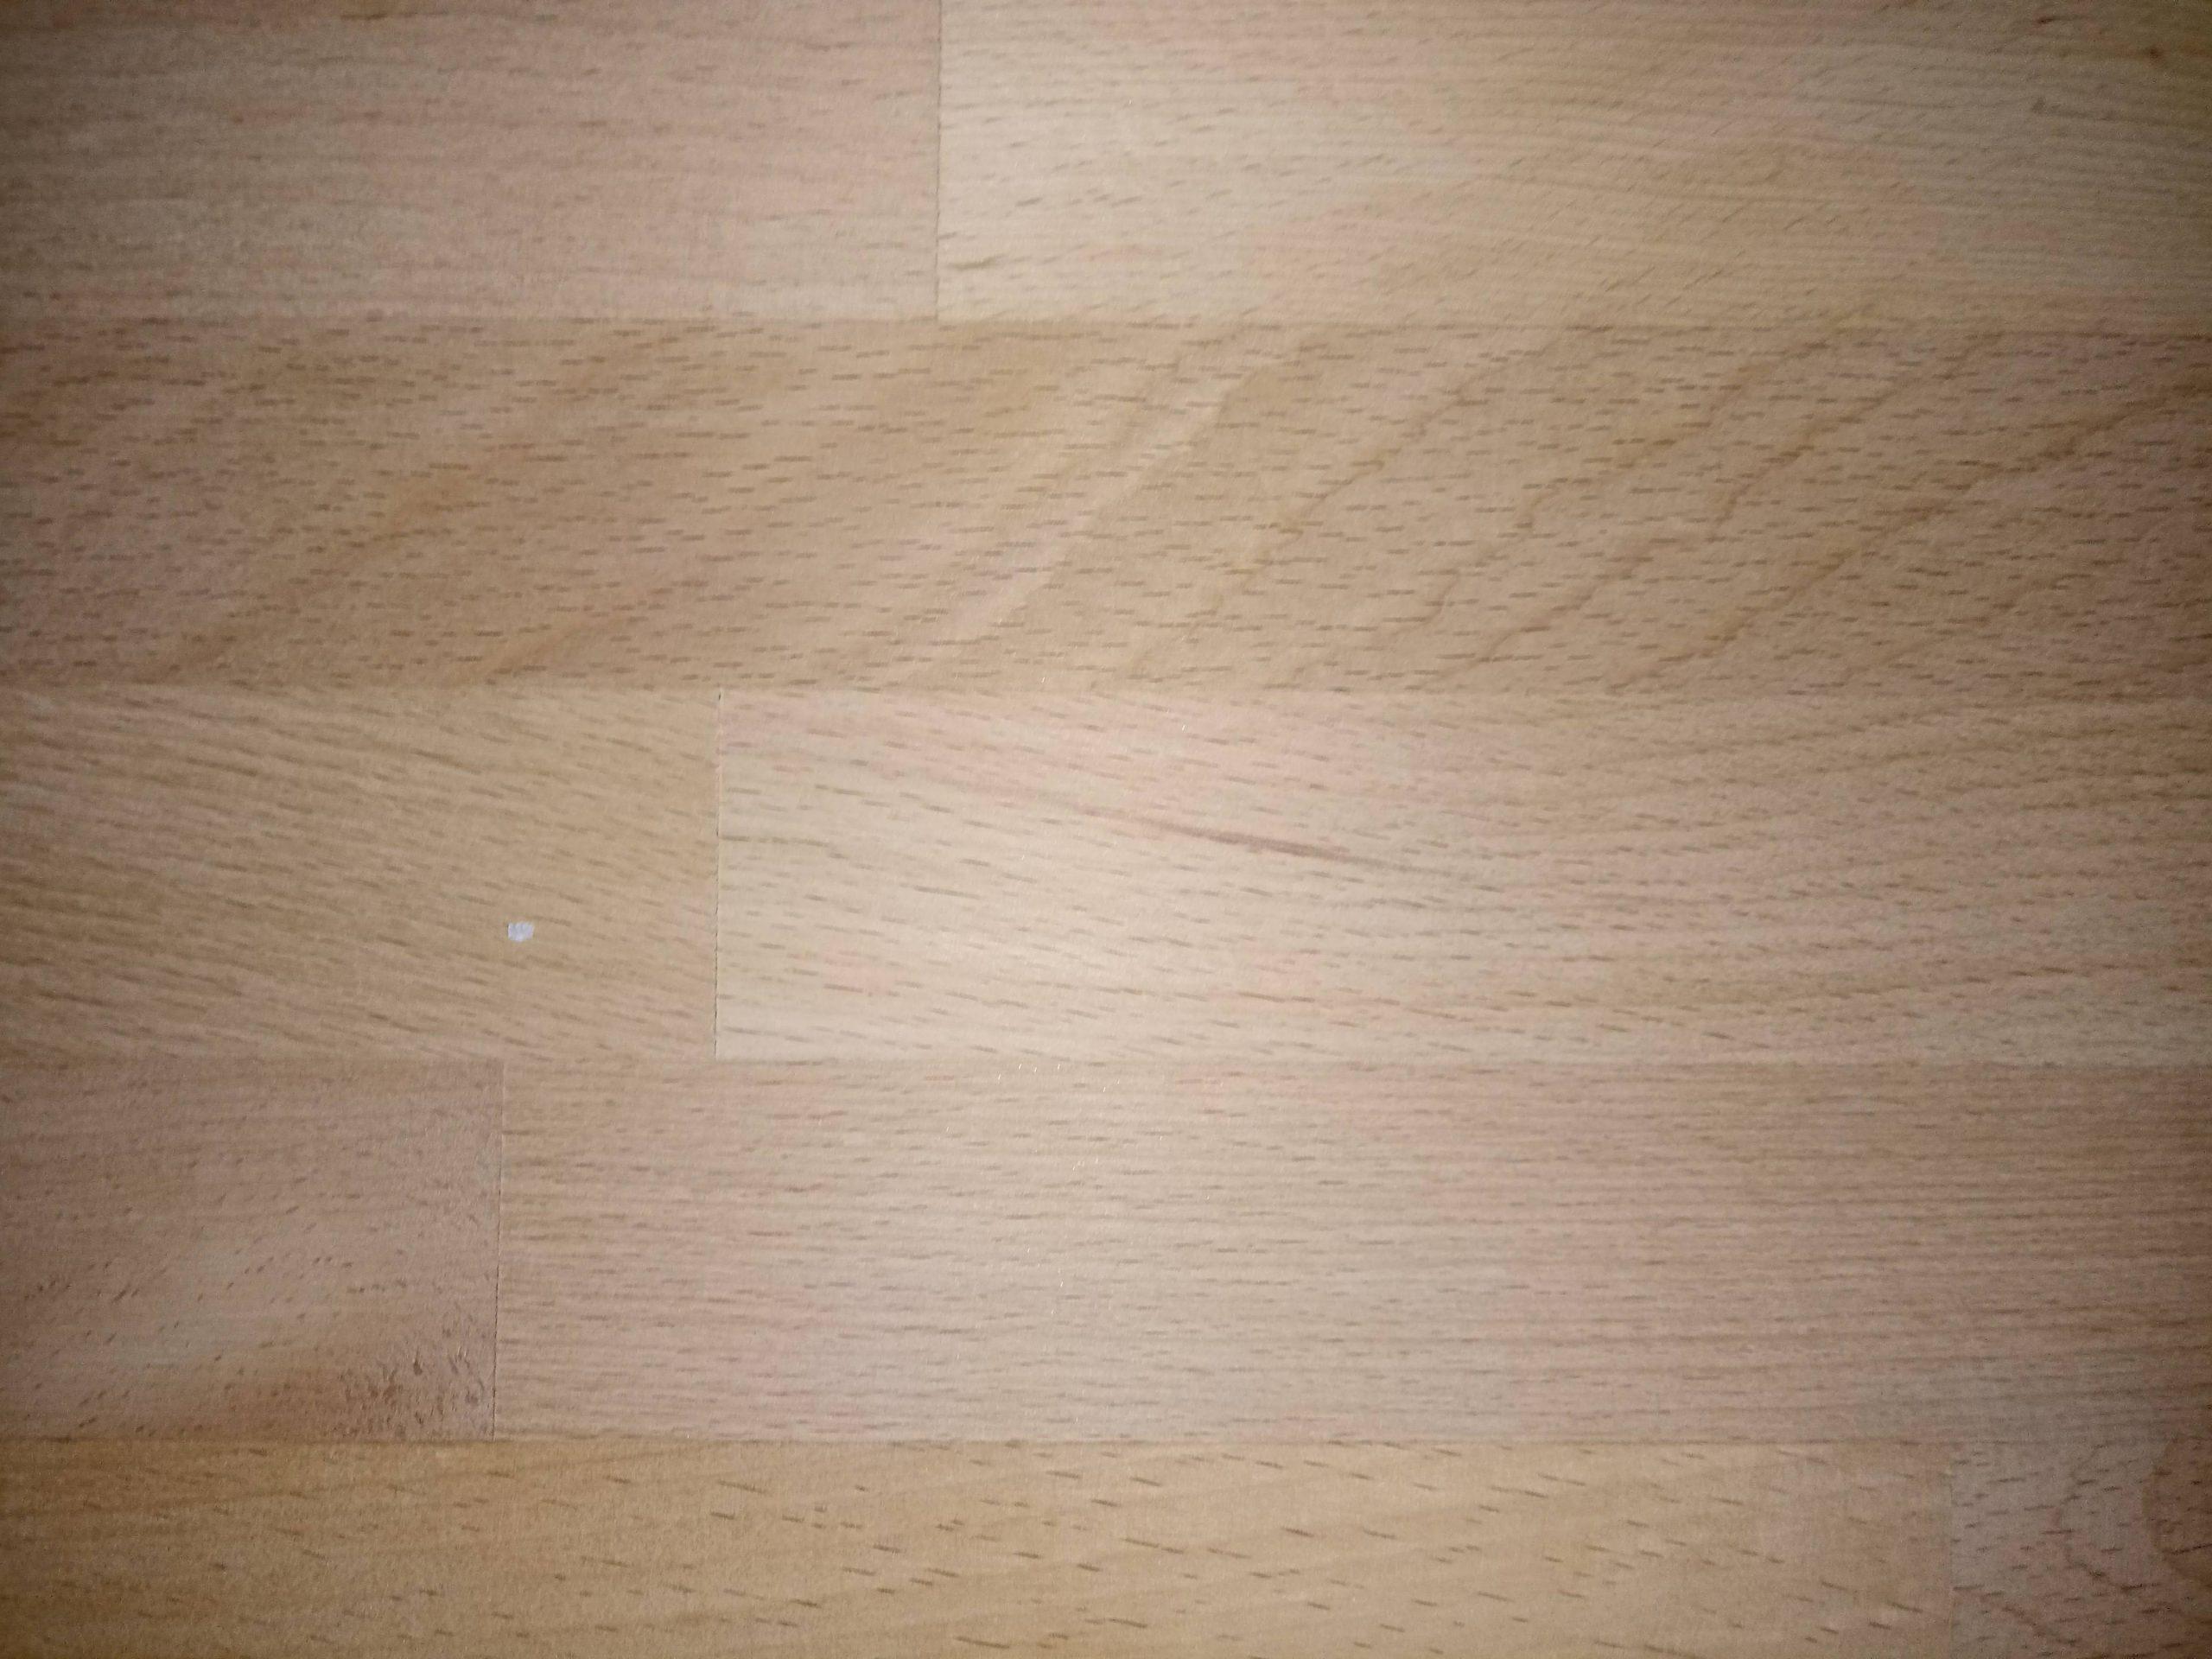 چوب راش کشور گرجستان، چوبی پرکاربرد و مفید با هزینه مناسب